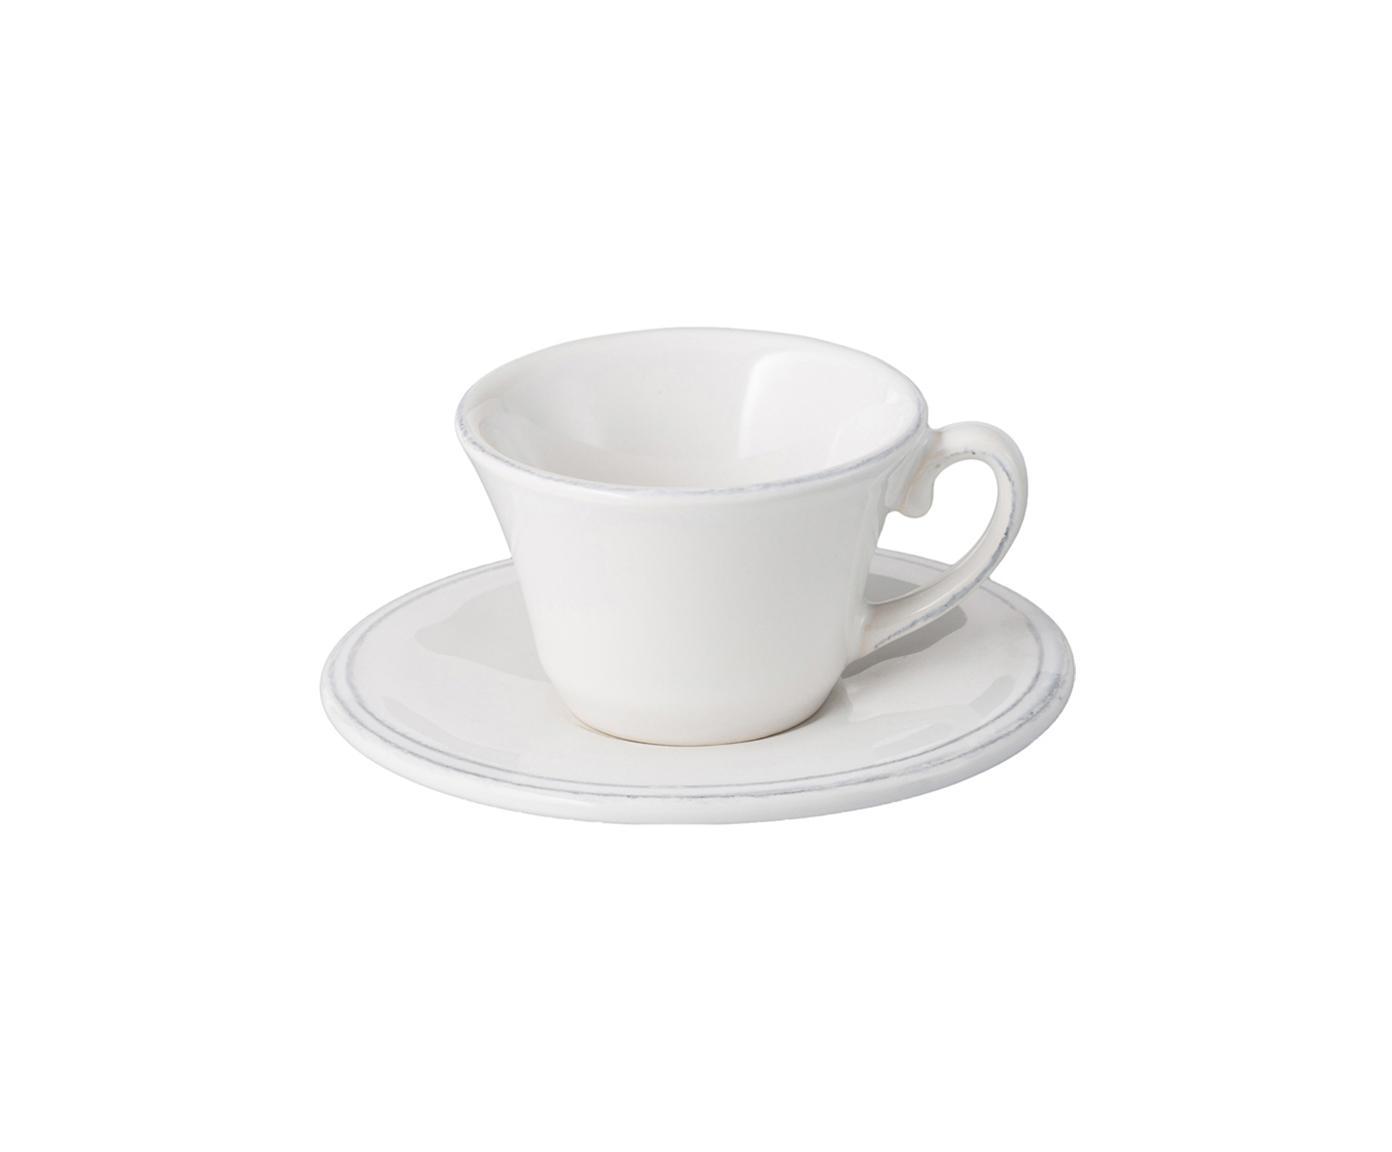 Tazas de café Constance, 6uds., estilo rústico, Cerámica, Blanco, Ø 13 x Al 6 cm